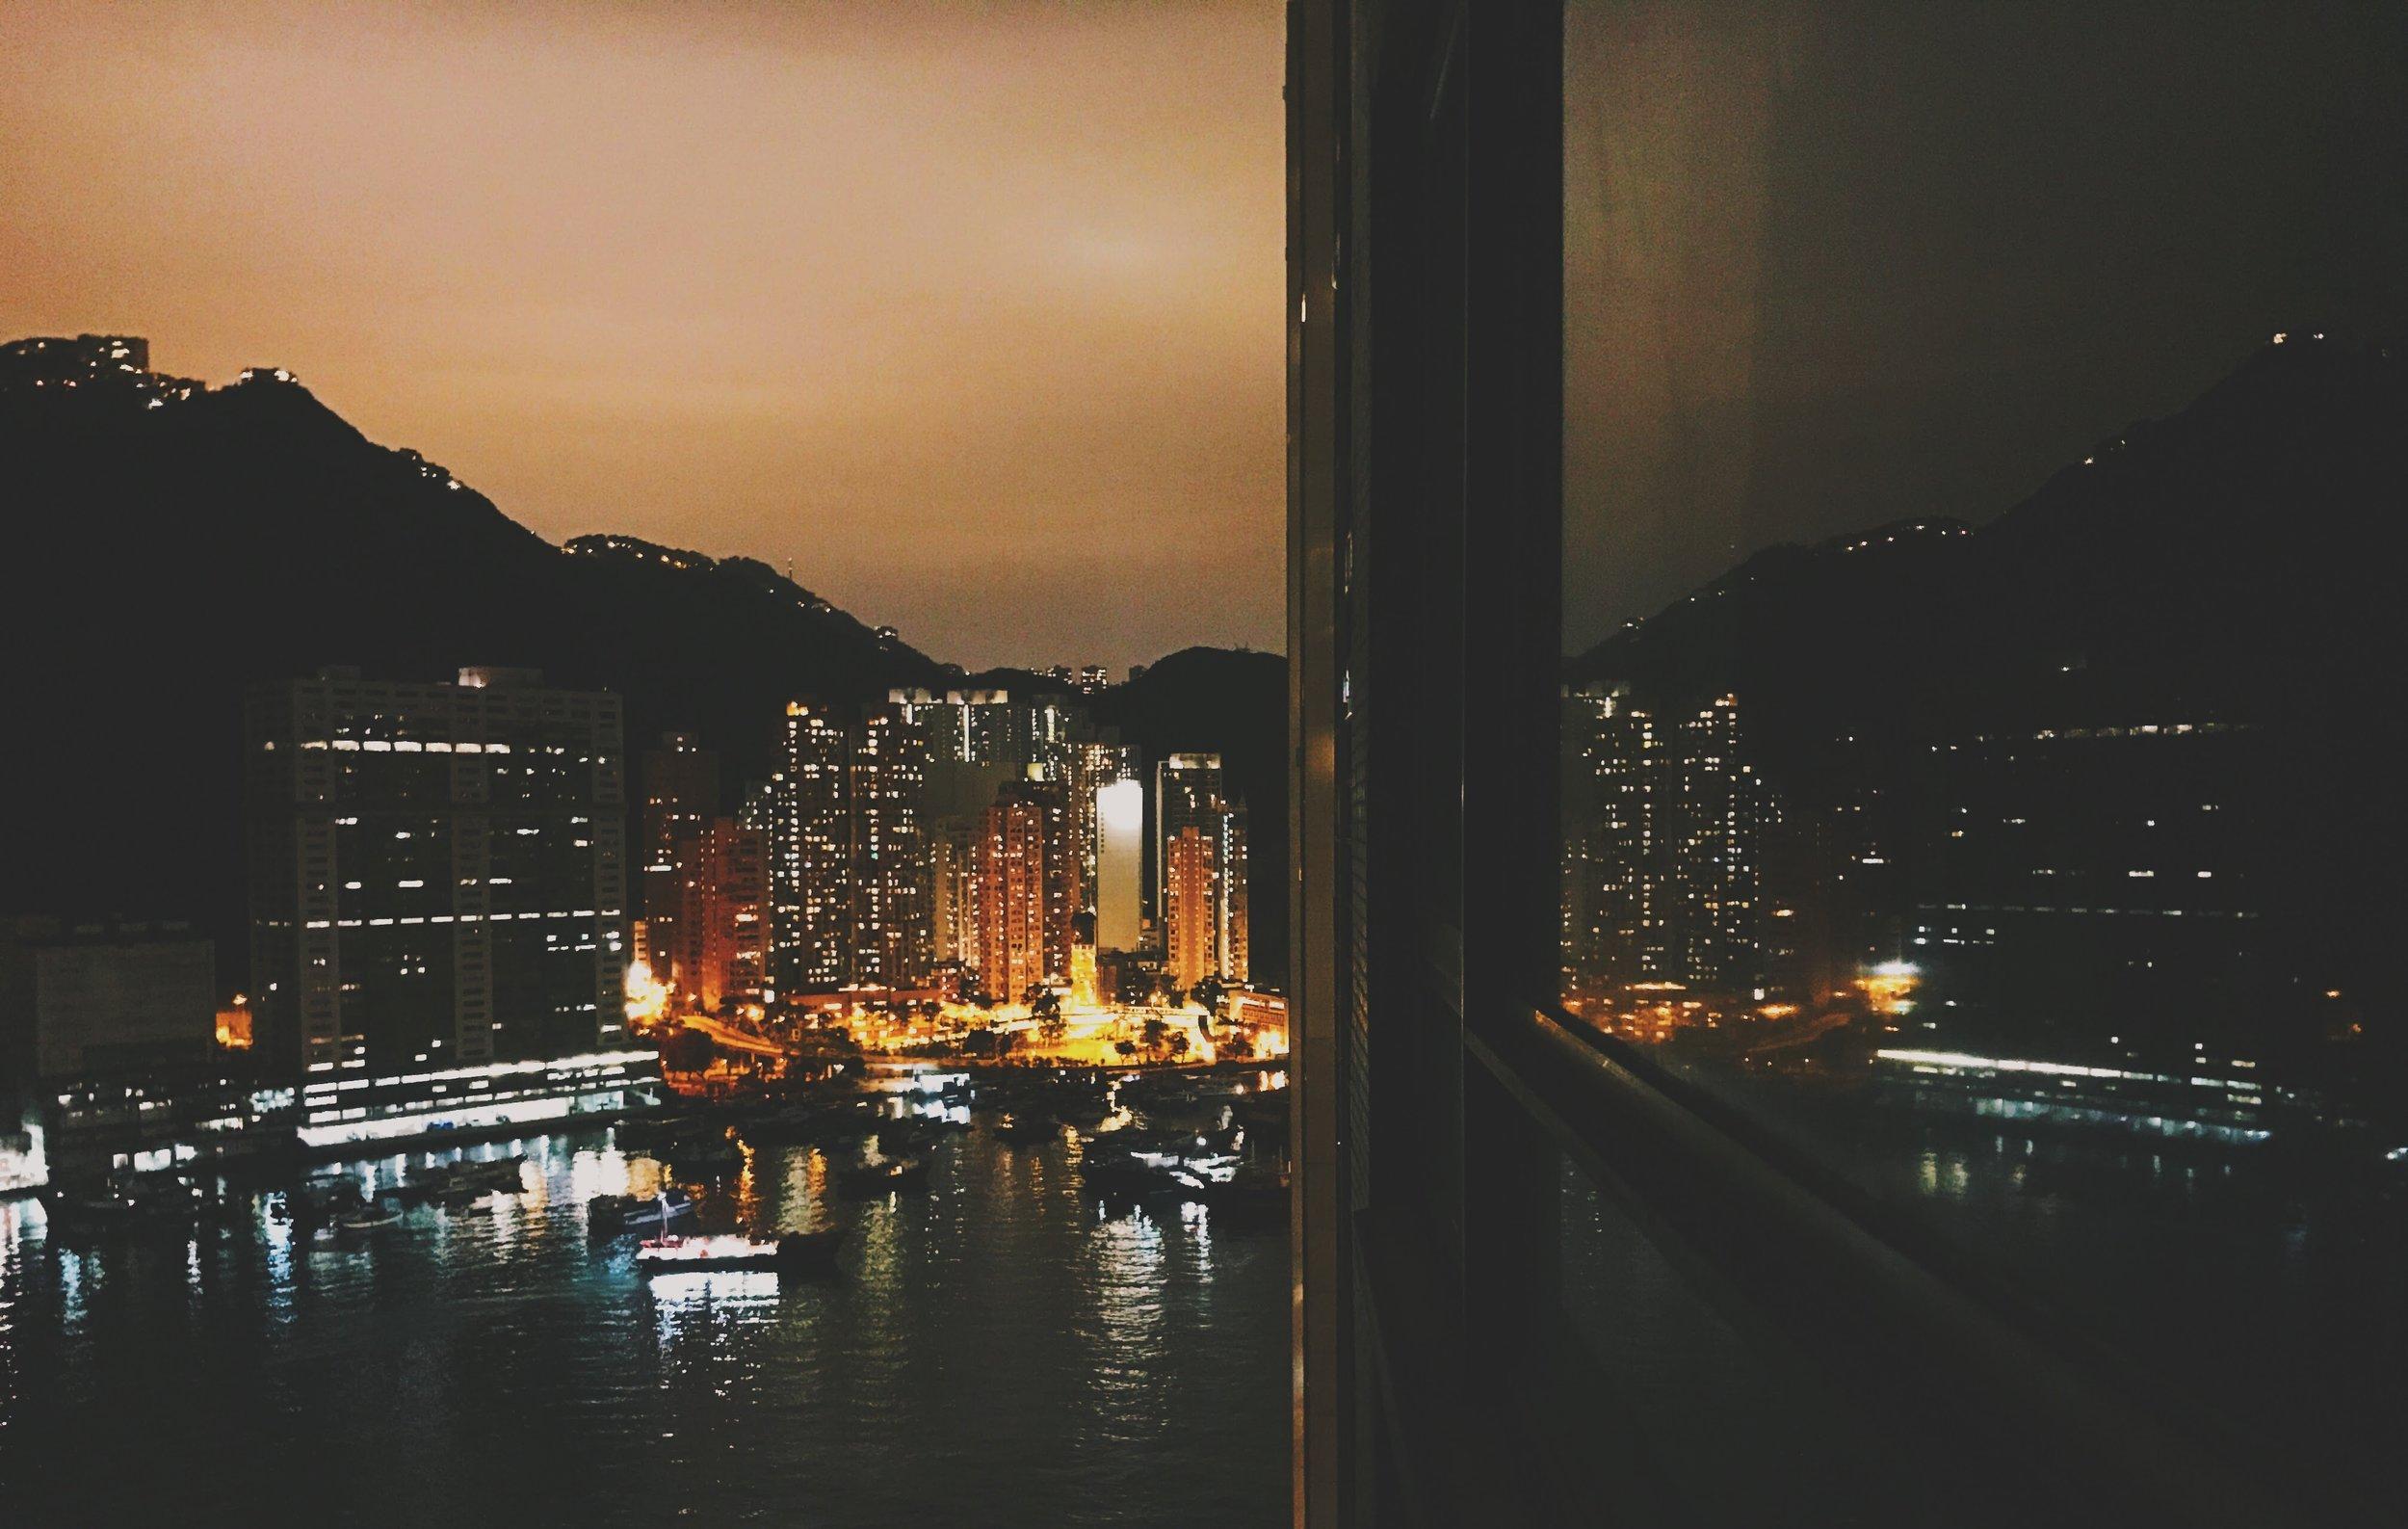 Hong Kong, February '17